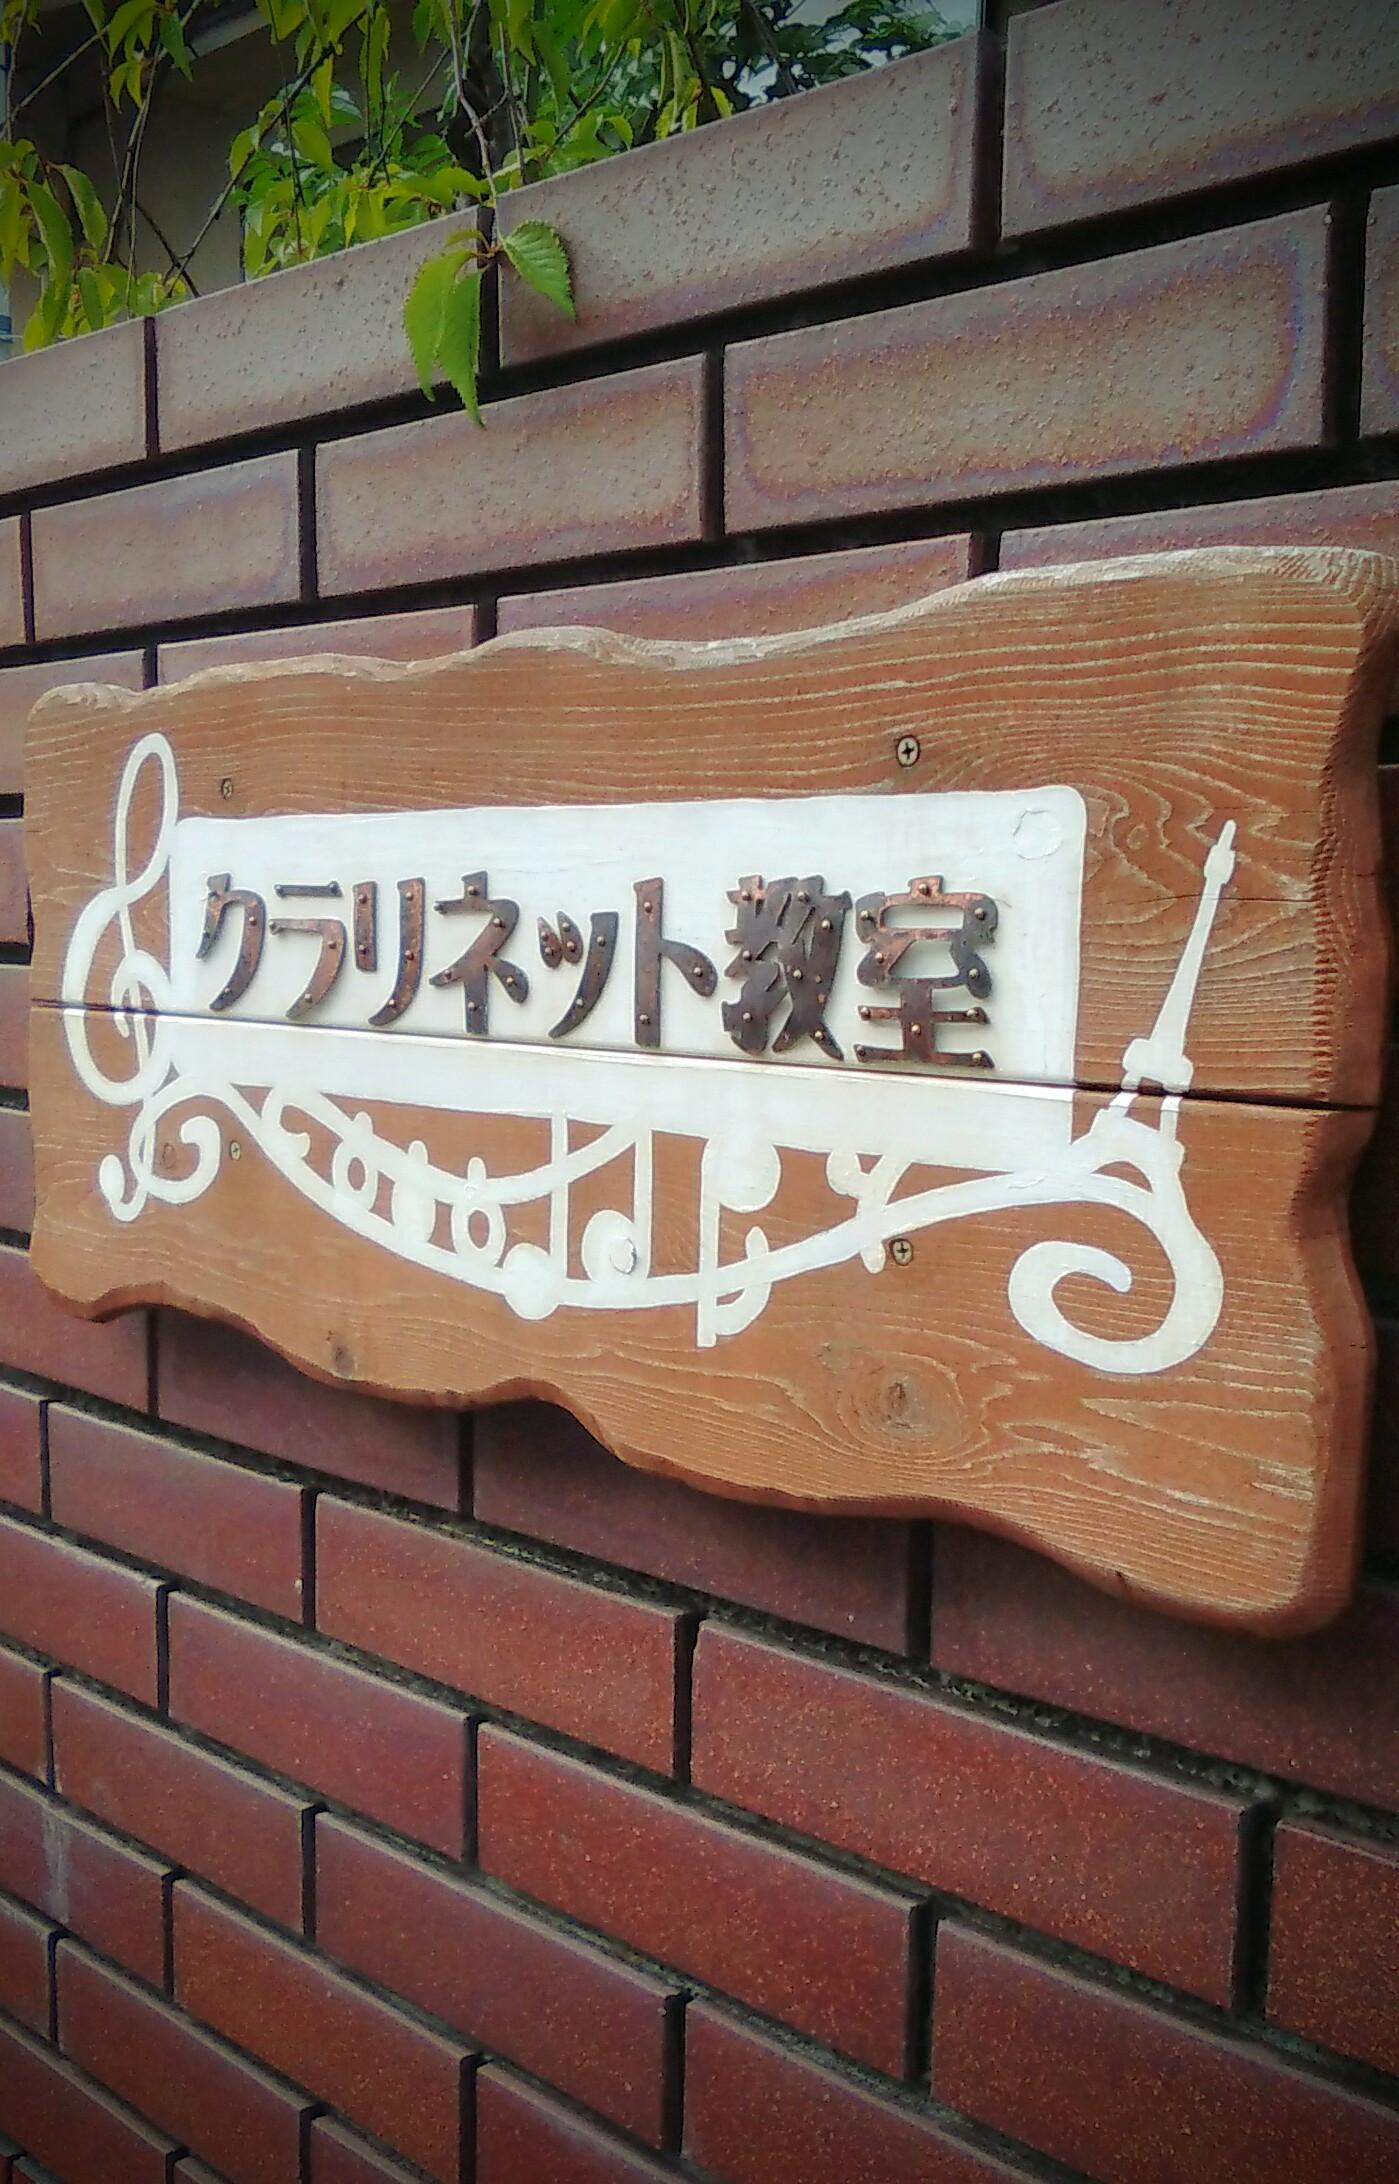 横浜クラリネット教室 | 横浜市泉区にあるクラリネット教室・クラリネオ教室